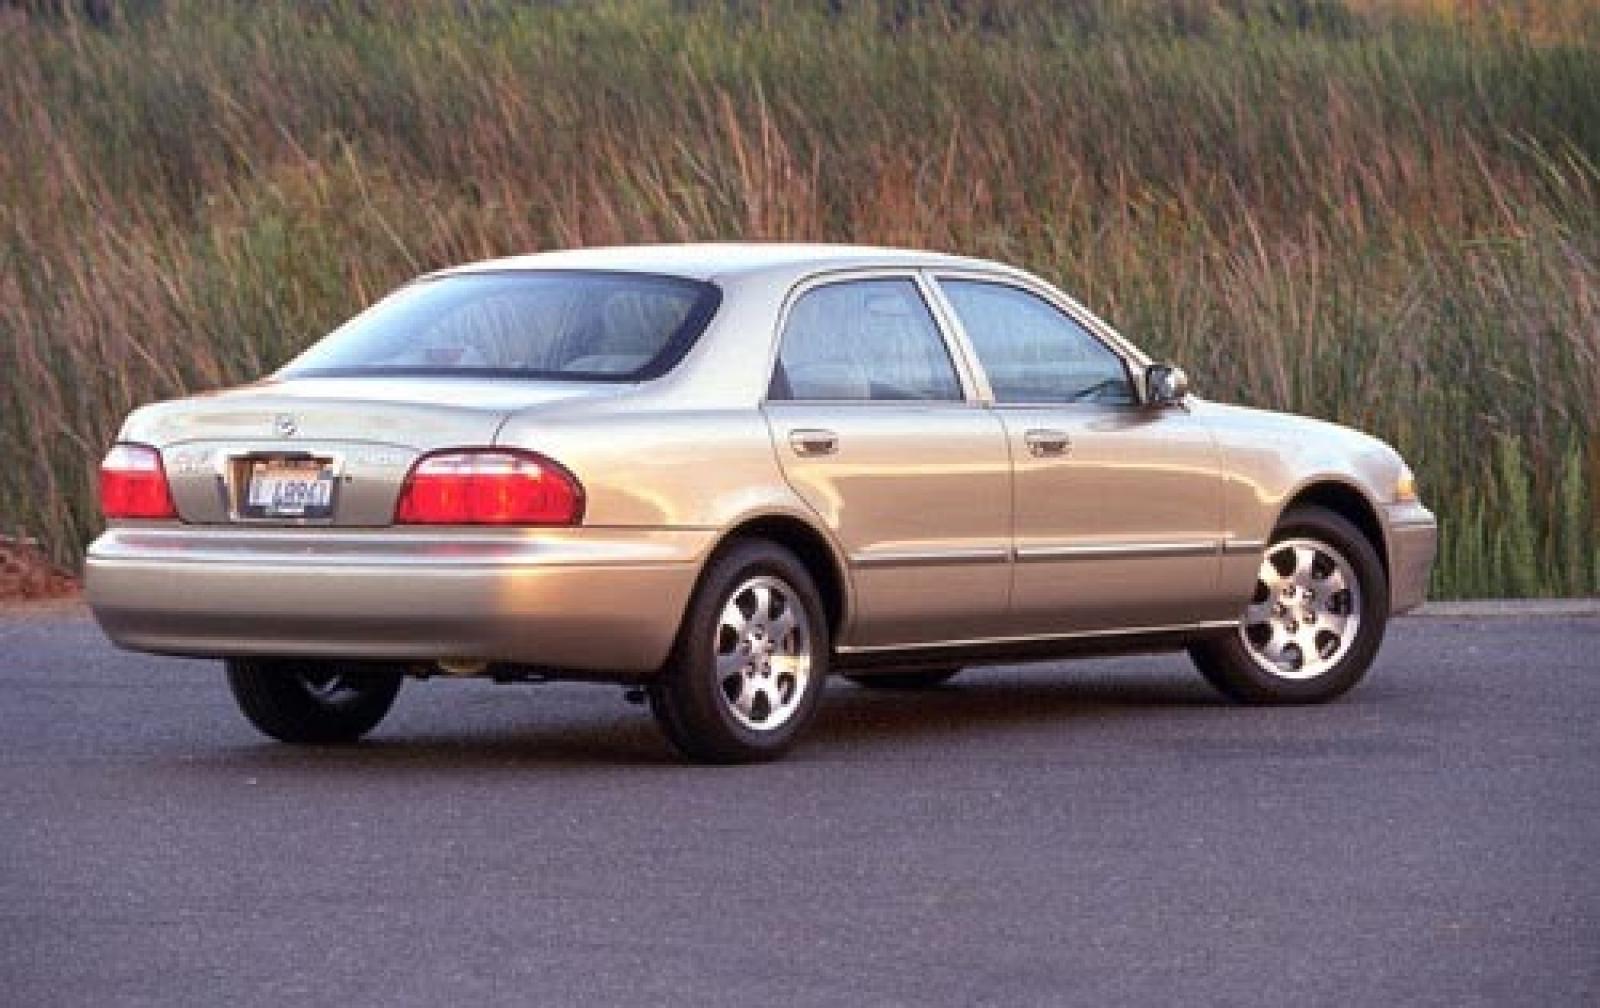 800 1024 1280 1600 origin 2002 Mazda 626 ...